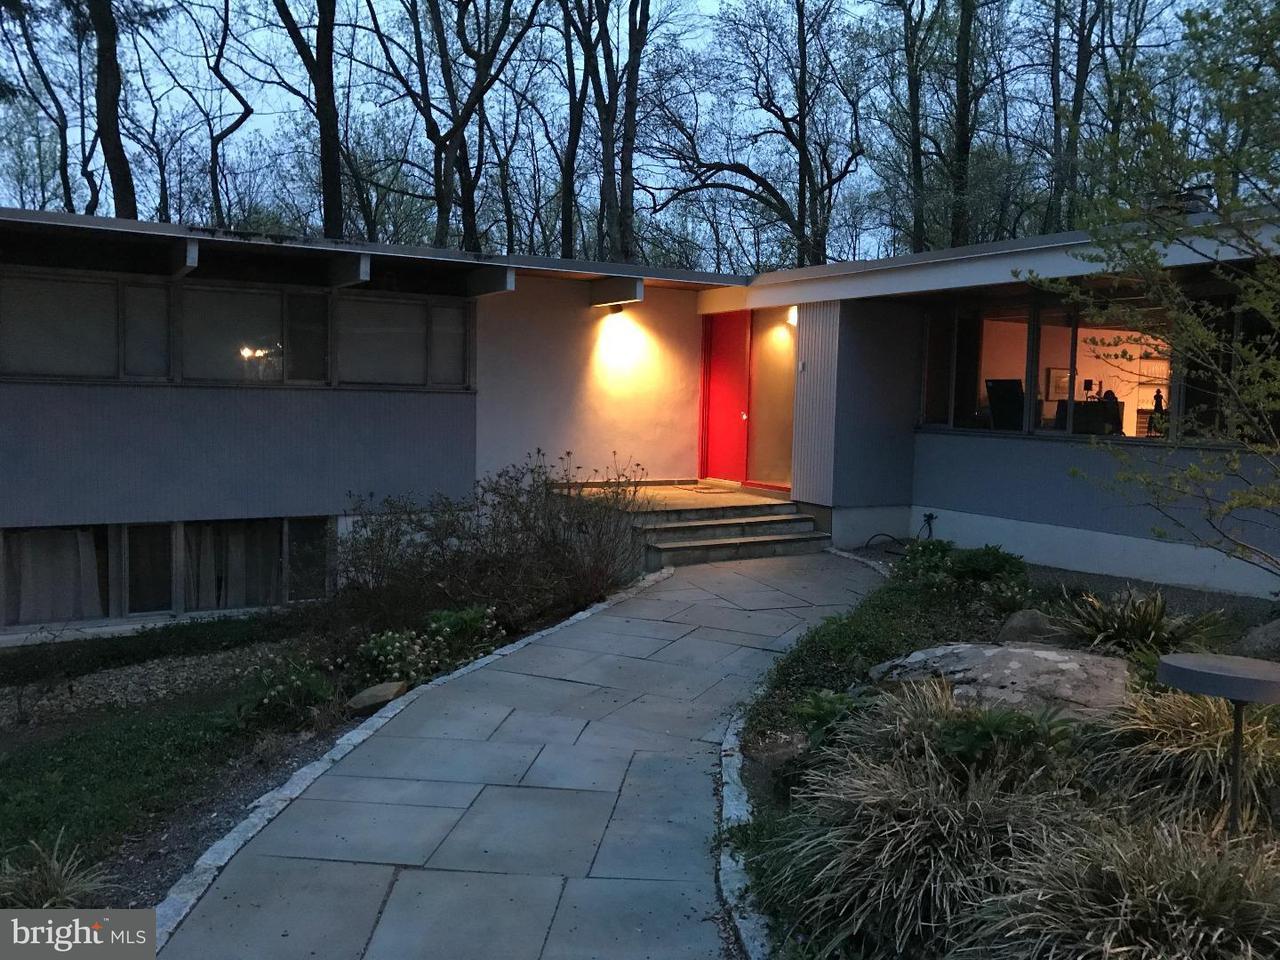 Частный односемейный дом для того Аренда на 74 WOODLAND Drive Princeton, Нью-Джерси 08540 Соединенные ШтатыВ/Около: Princeton